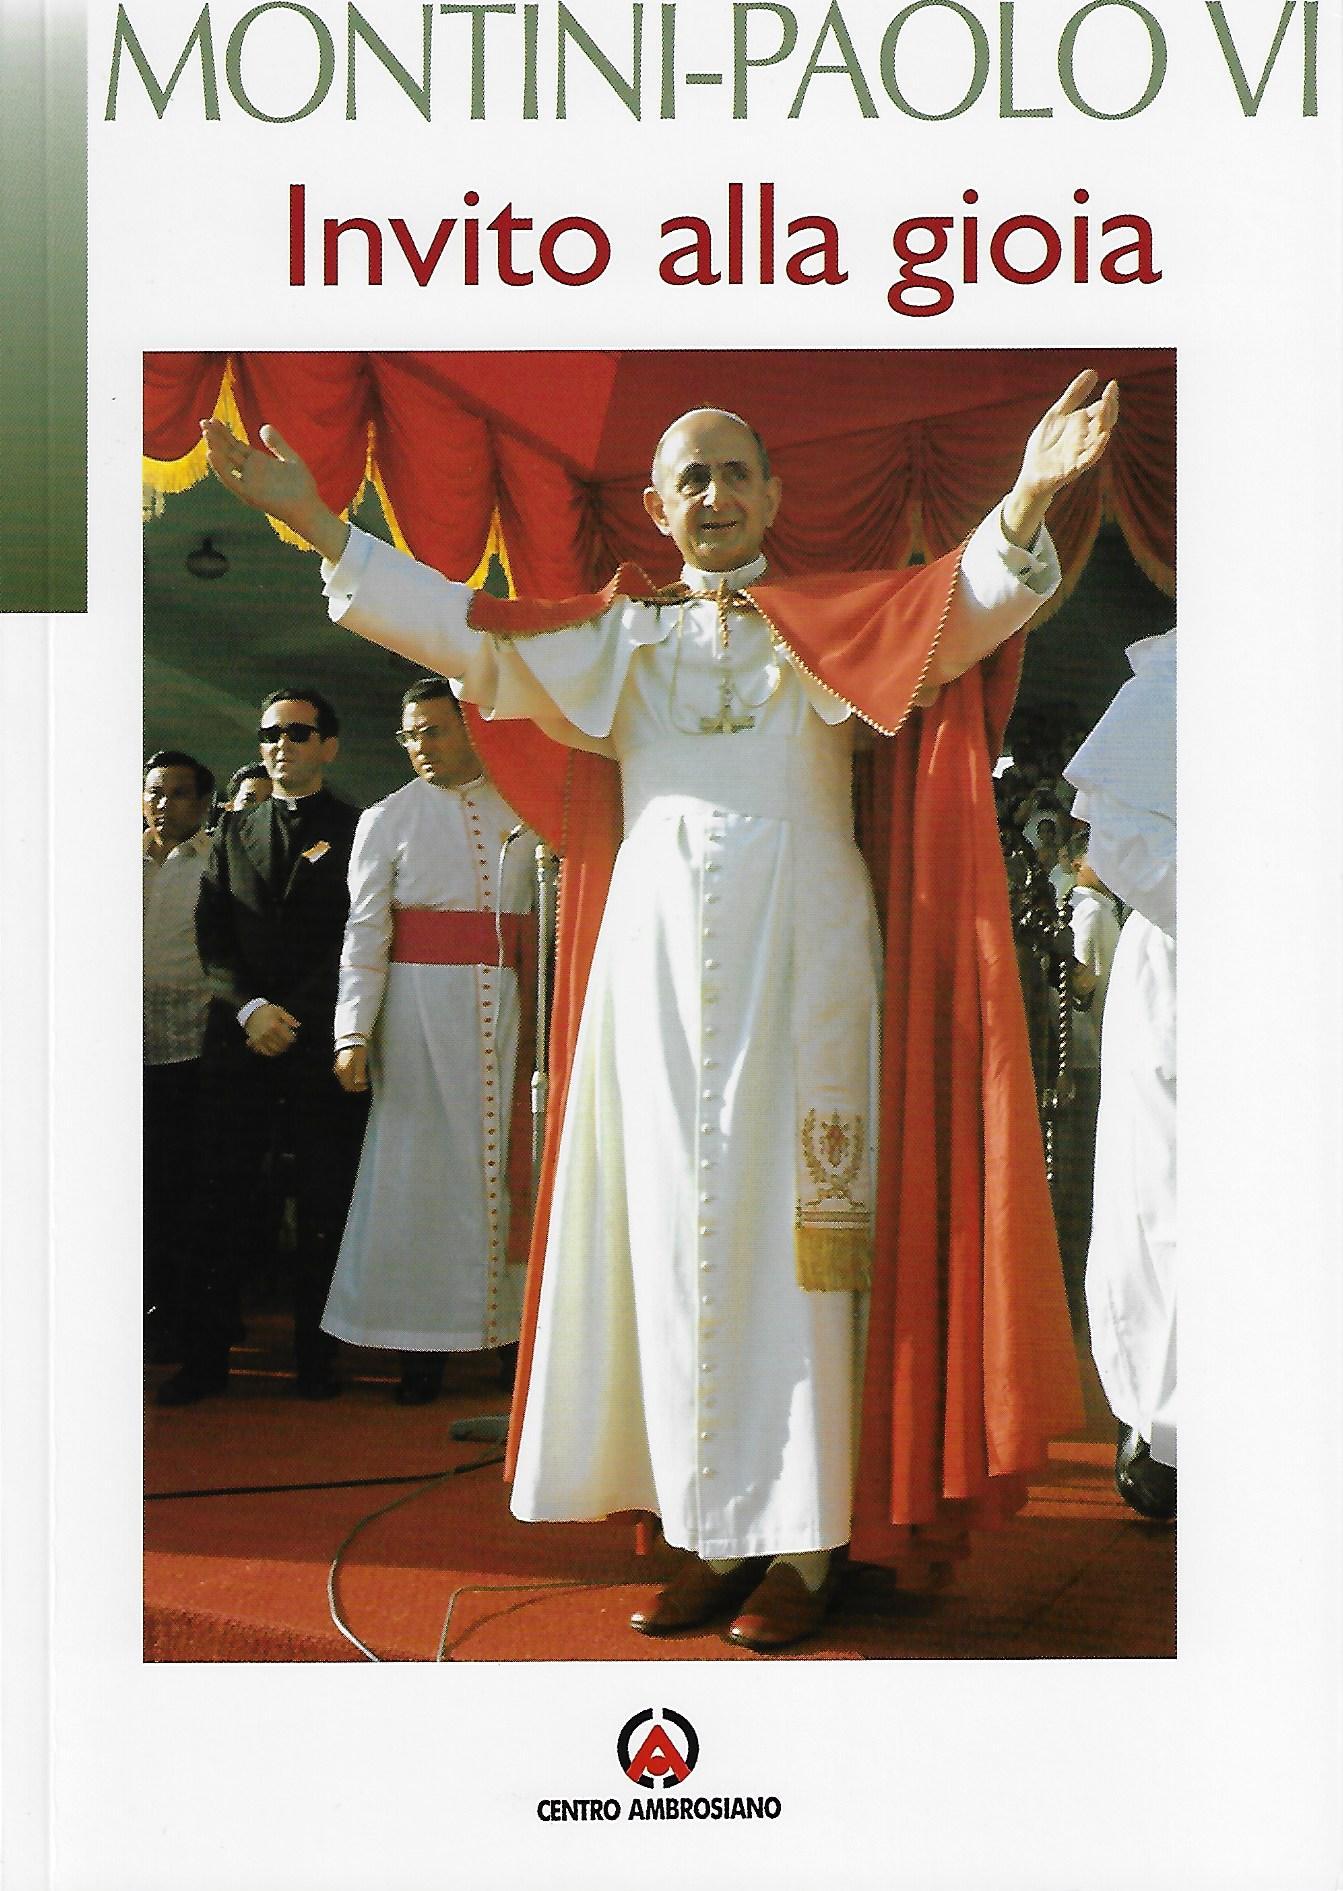 G.B. Montini - Paolo VI, Invito alla gioia